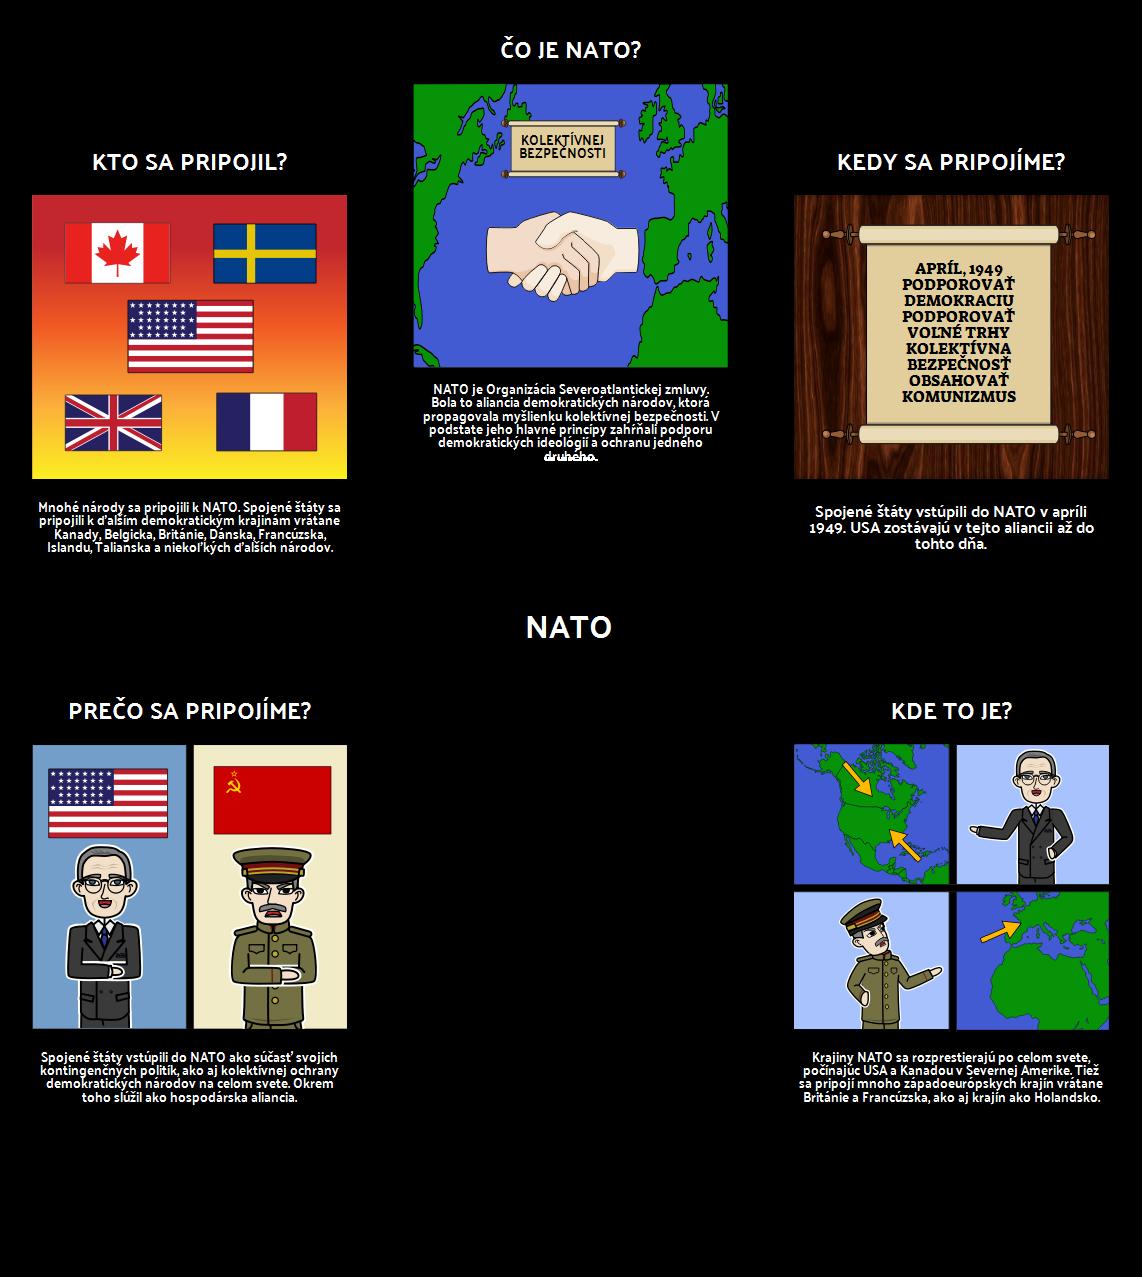 Trumanské Predsedníctvo - 5 W NATO